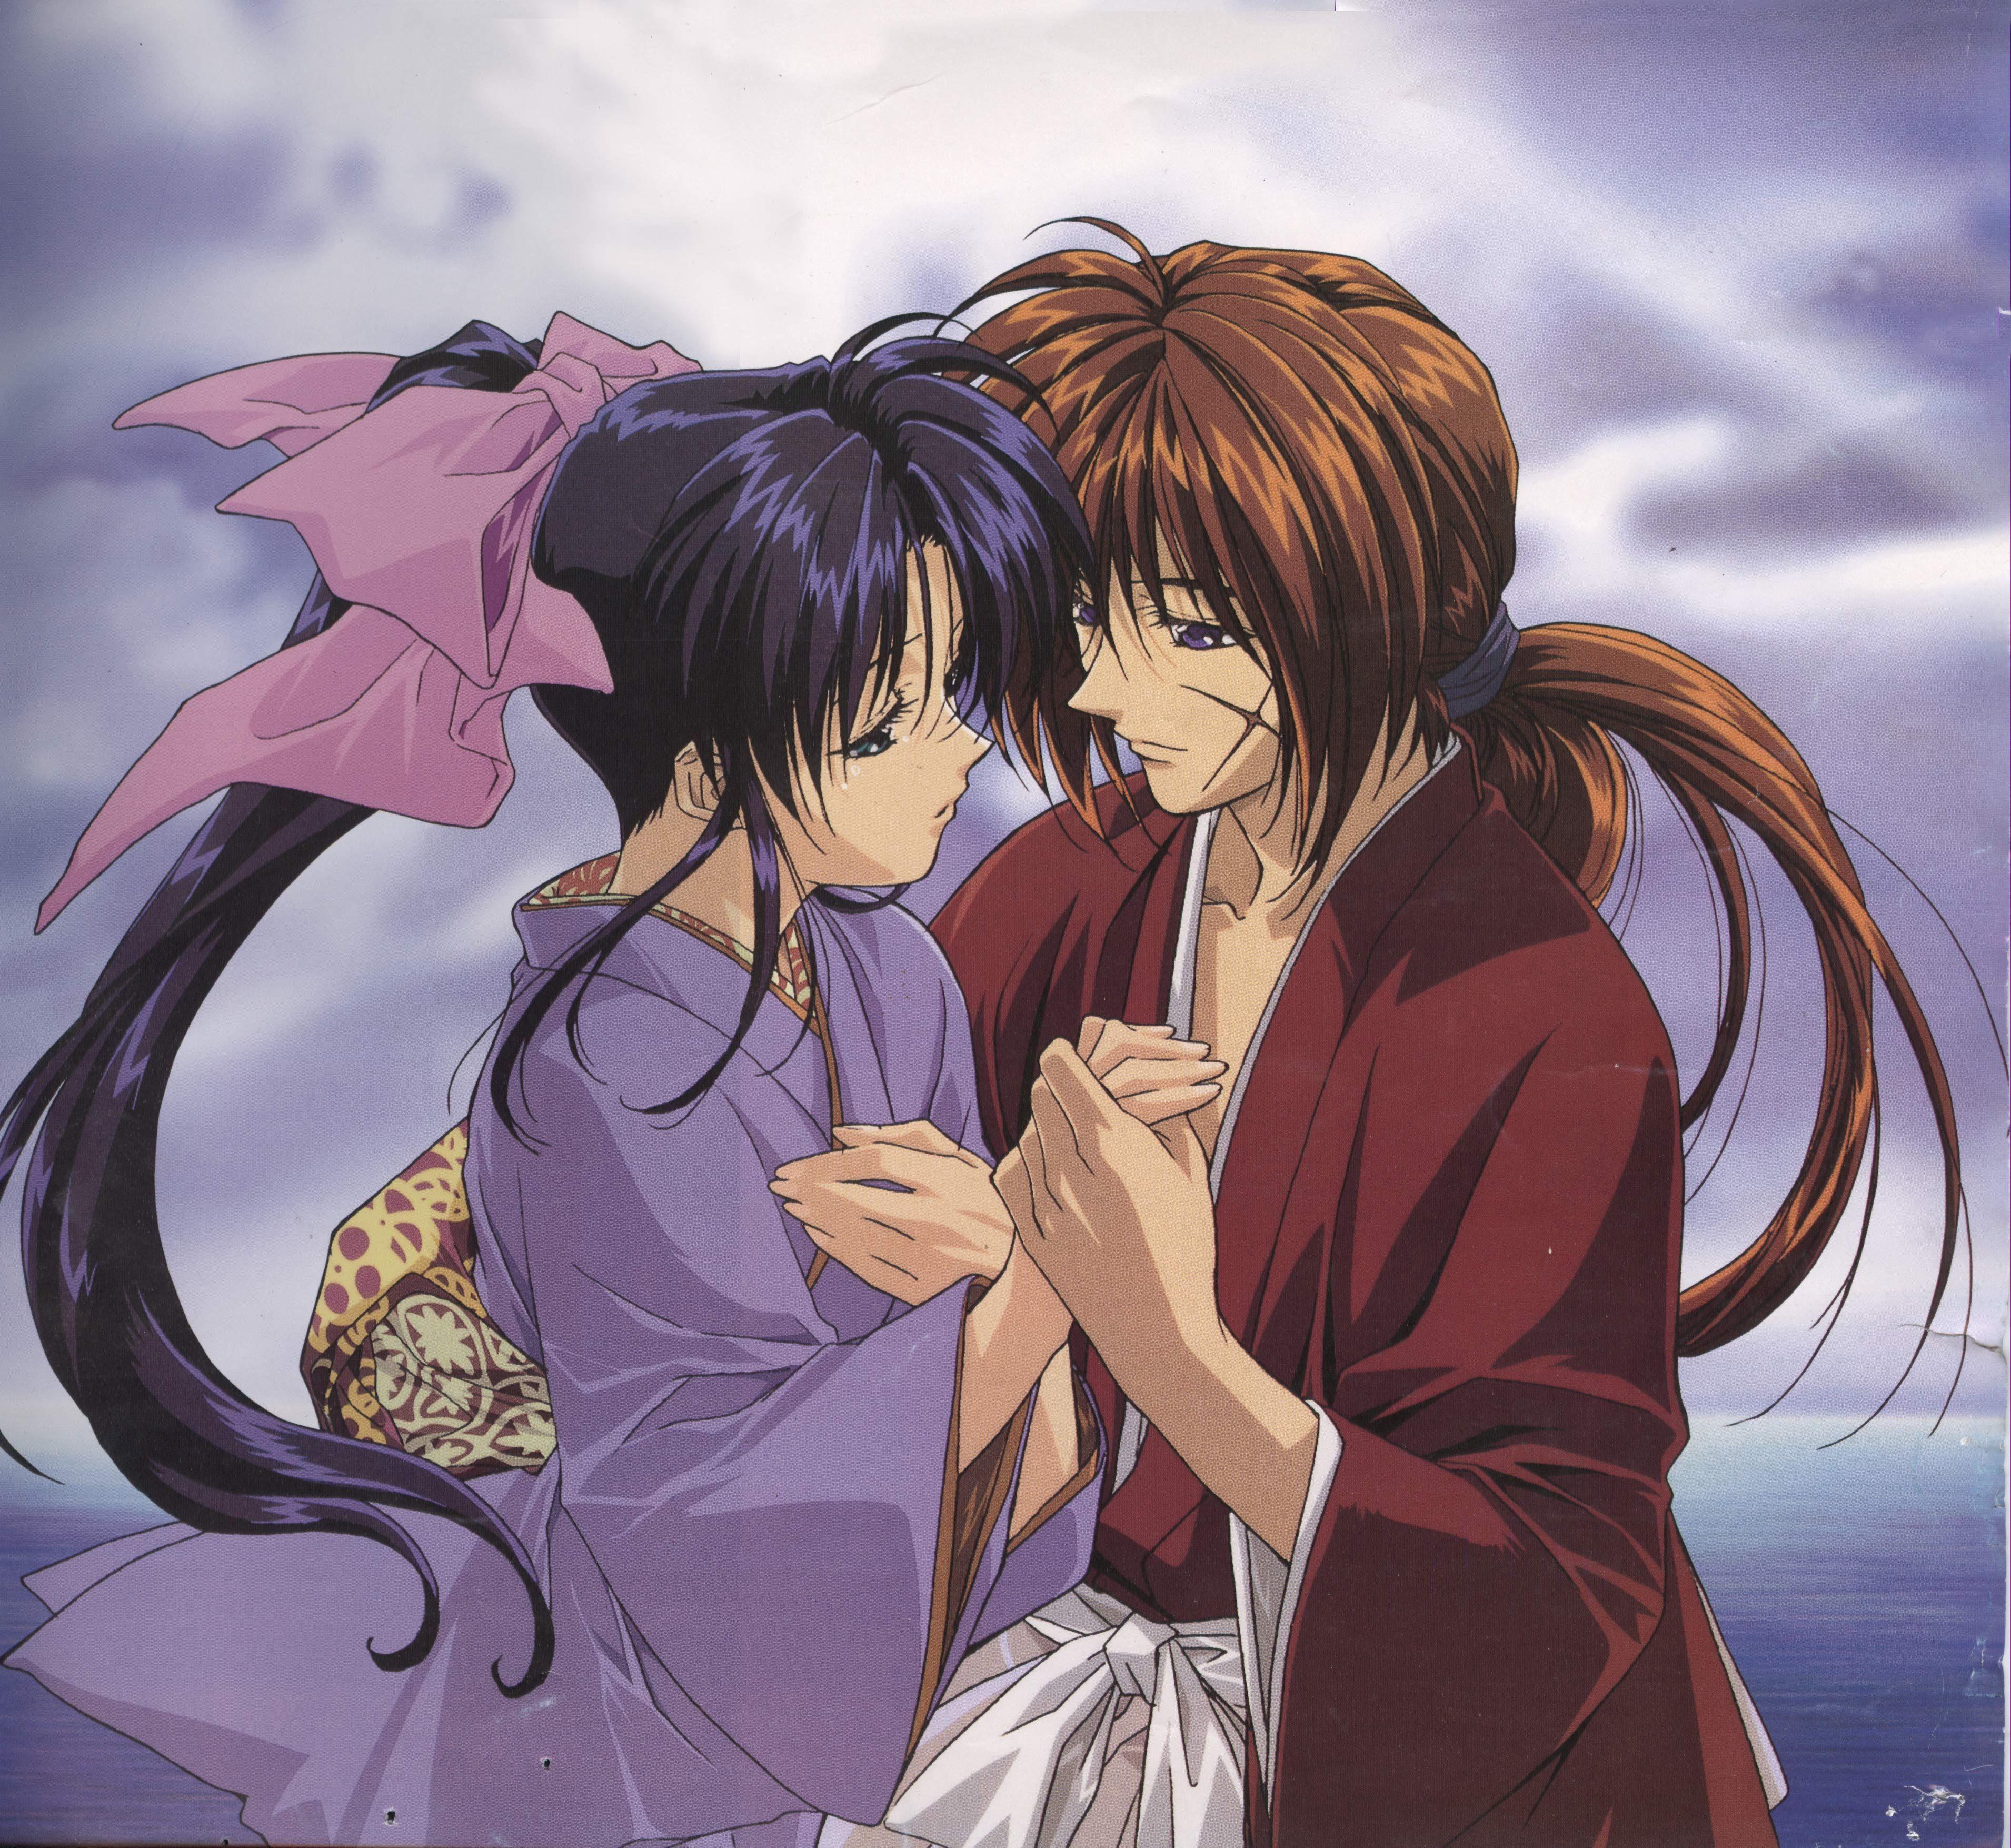 Samurai X Rurouni Kenshin Rurouni kenshin, Kenshin